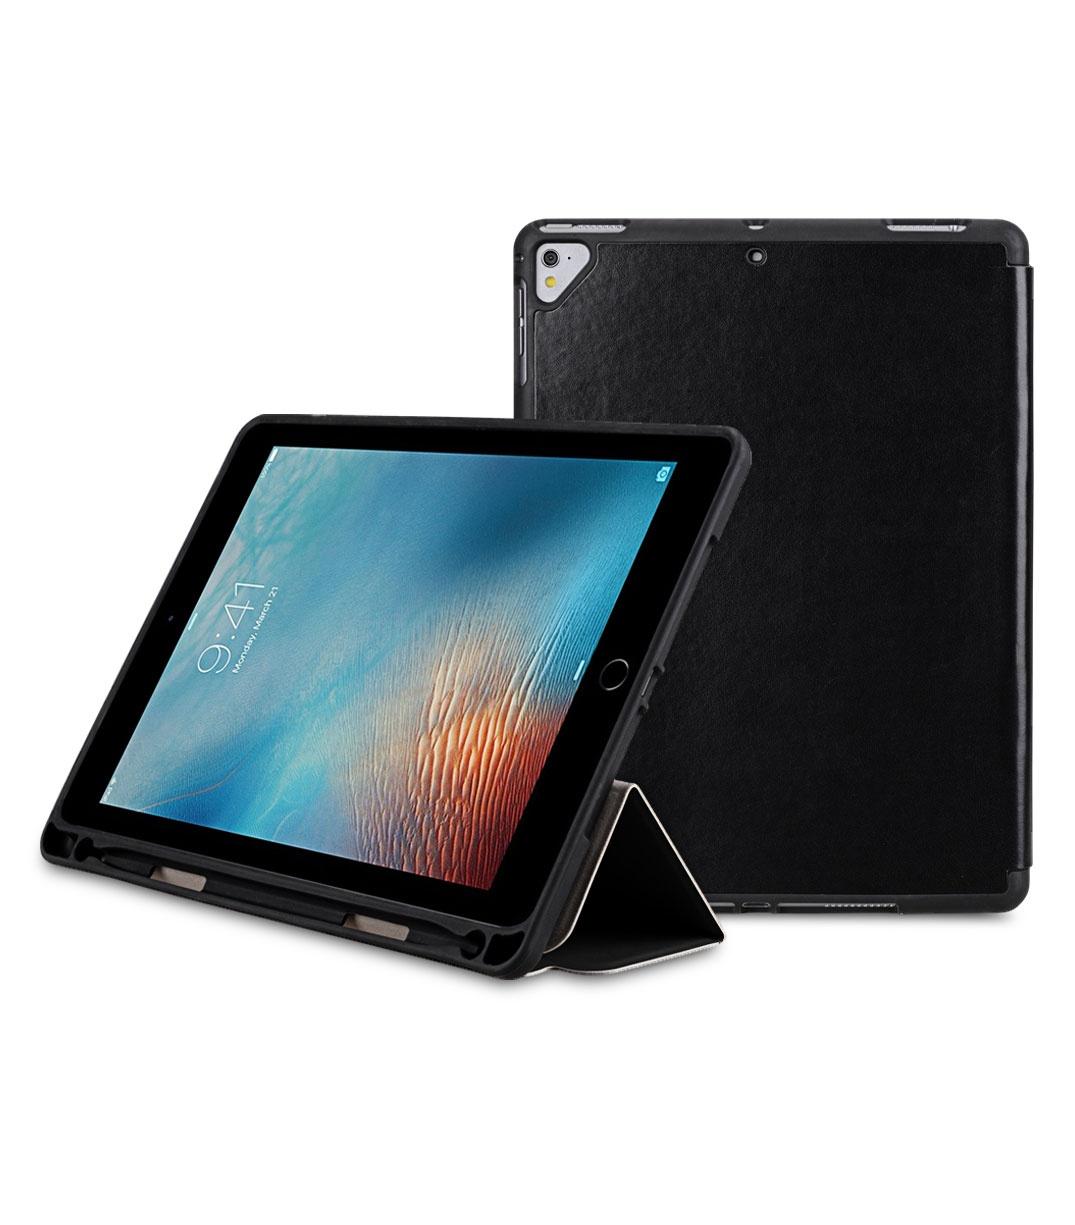 Чехол для планшета Melkco Чехол книжка Mini PU Cases для iPad Air /Air 2/Pro 9.7 /new iPad 2017/2018, черный стоимость